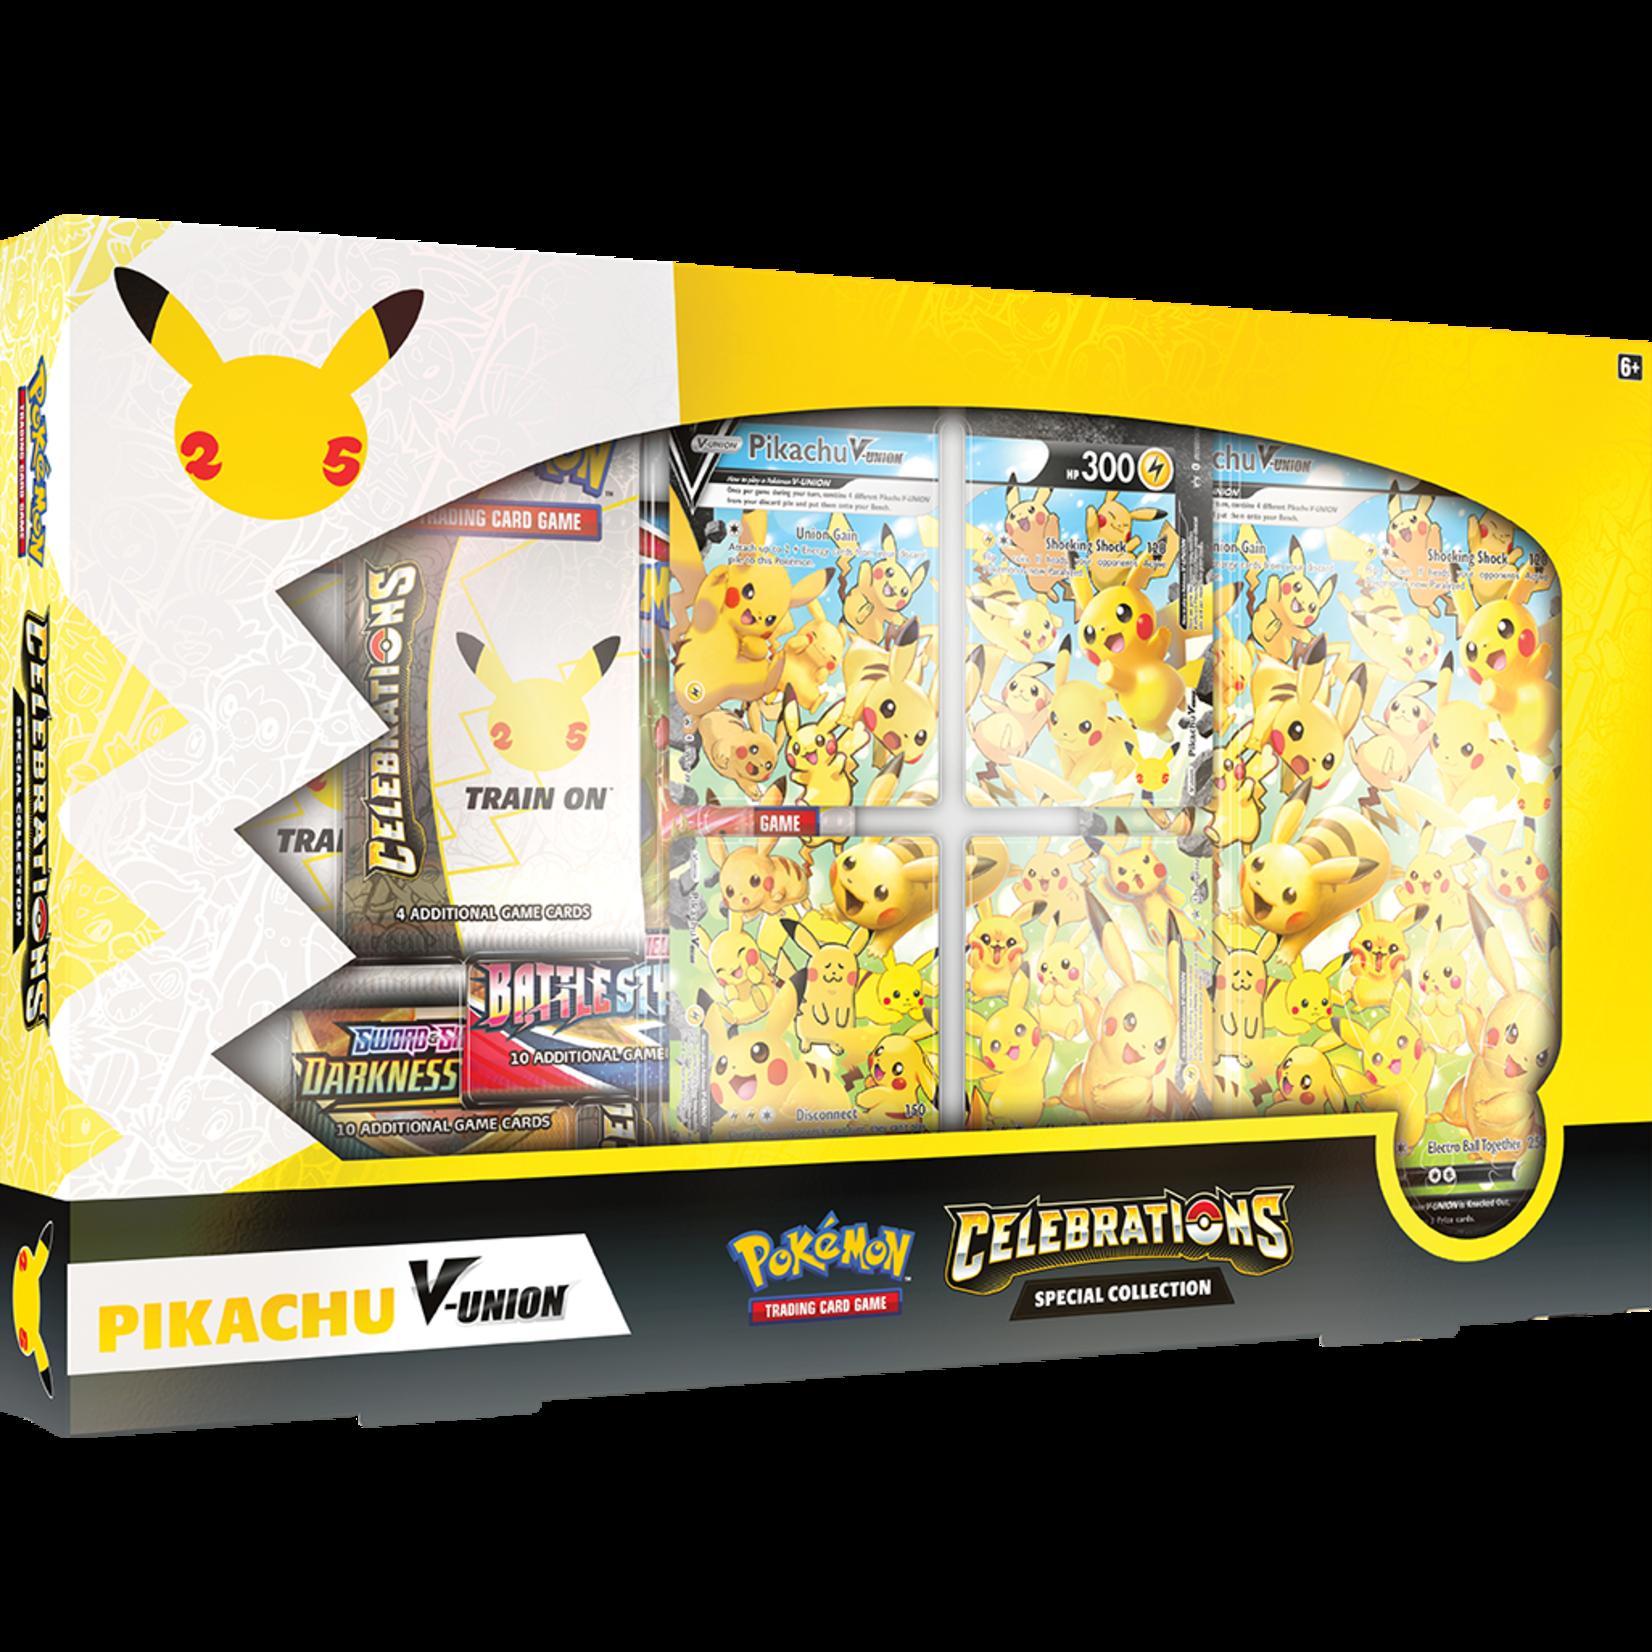 Pokémon Pokémon TCG: Celebrations Special Collection—Pikachu V-UNION